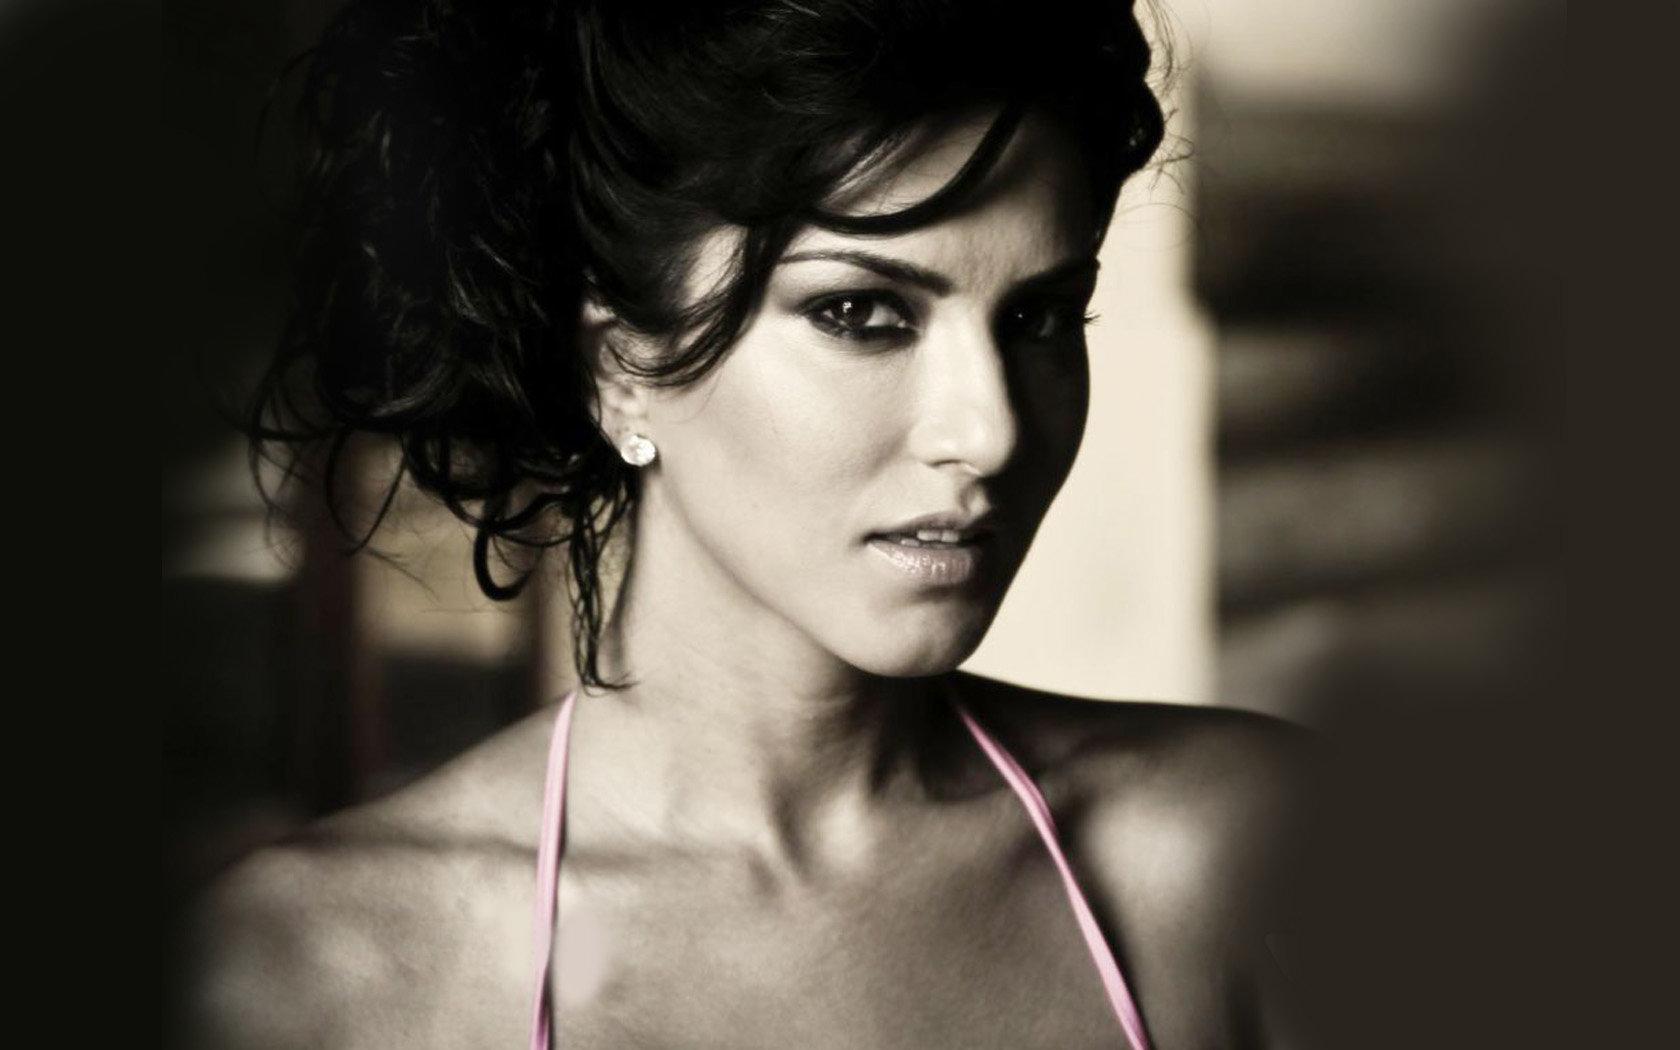 Фото санни леон, Sunny Leone - все эротические фото модели 28 фотография